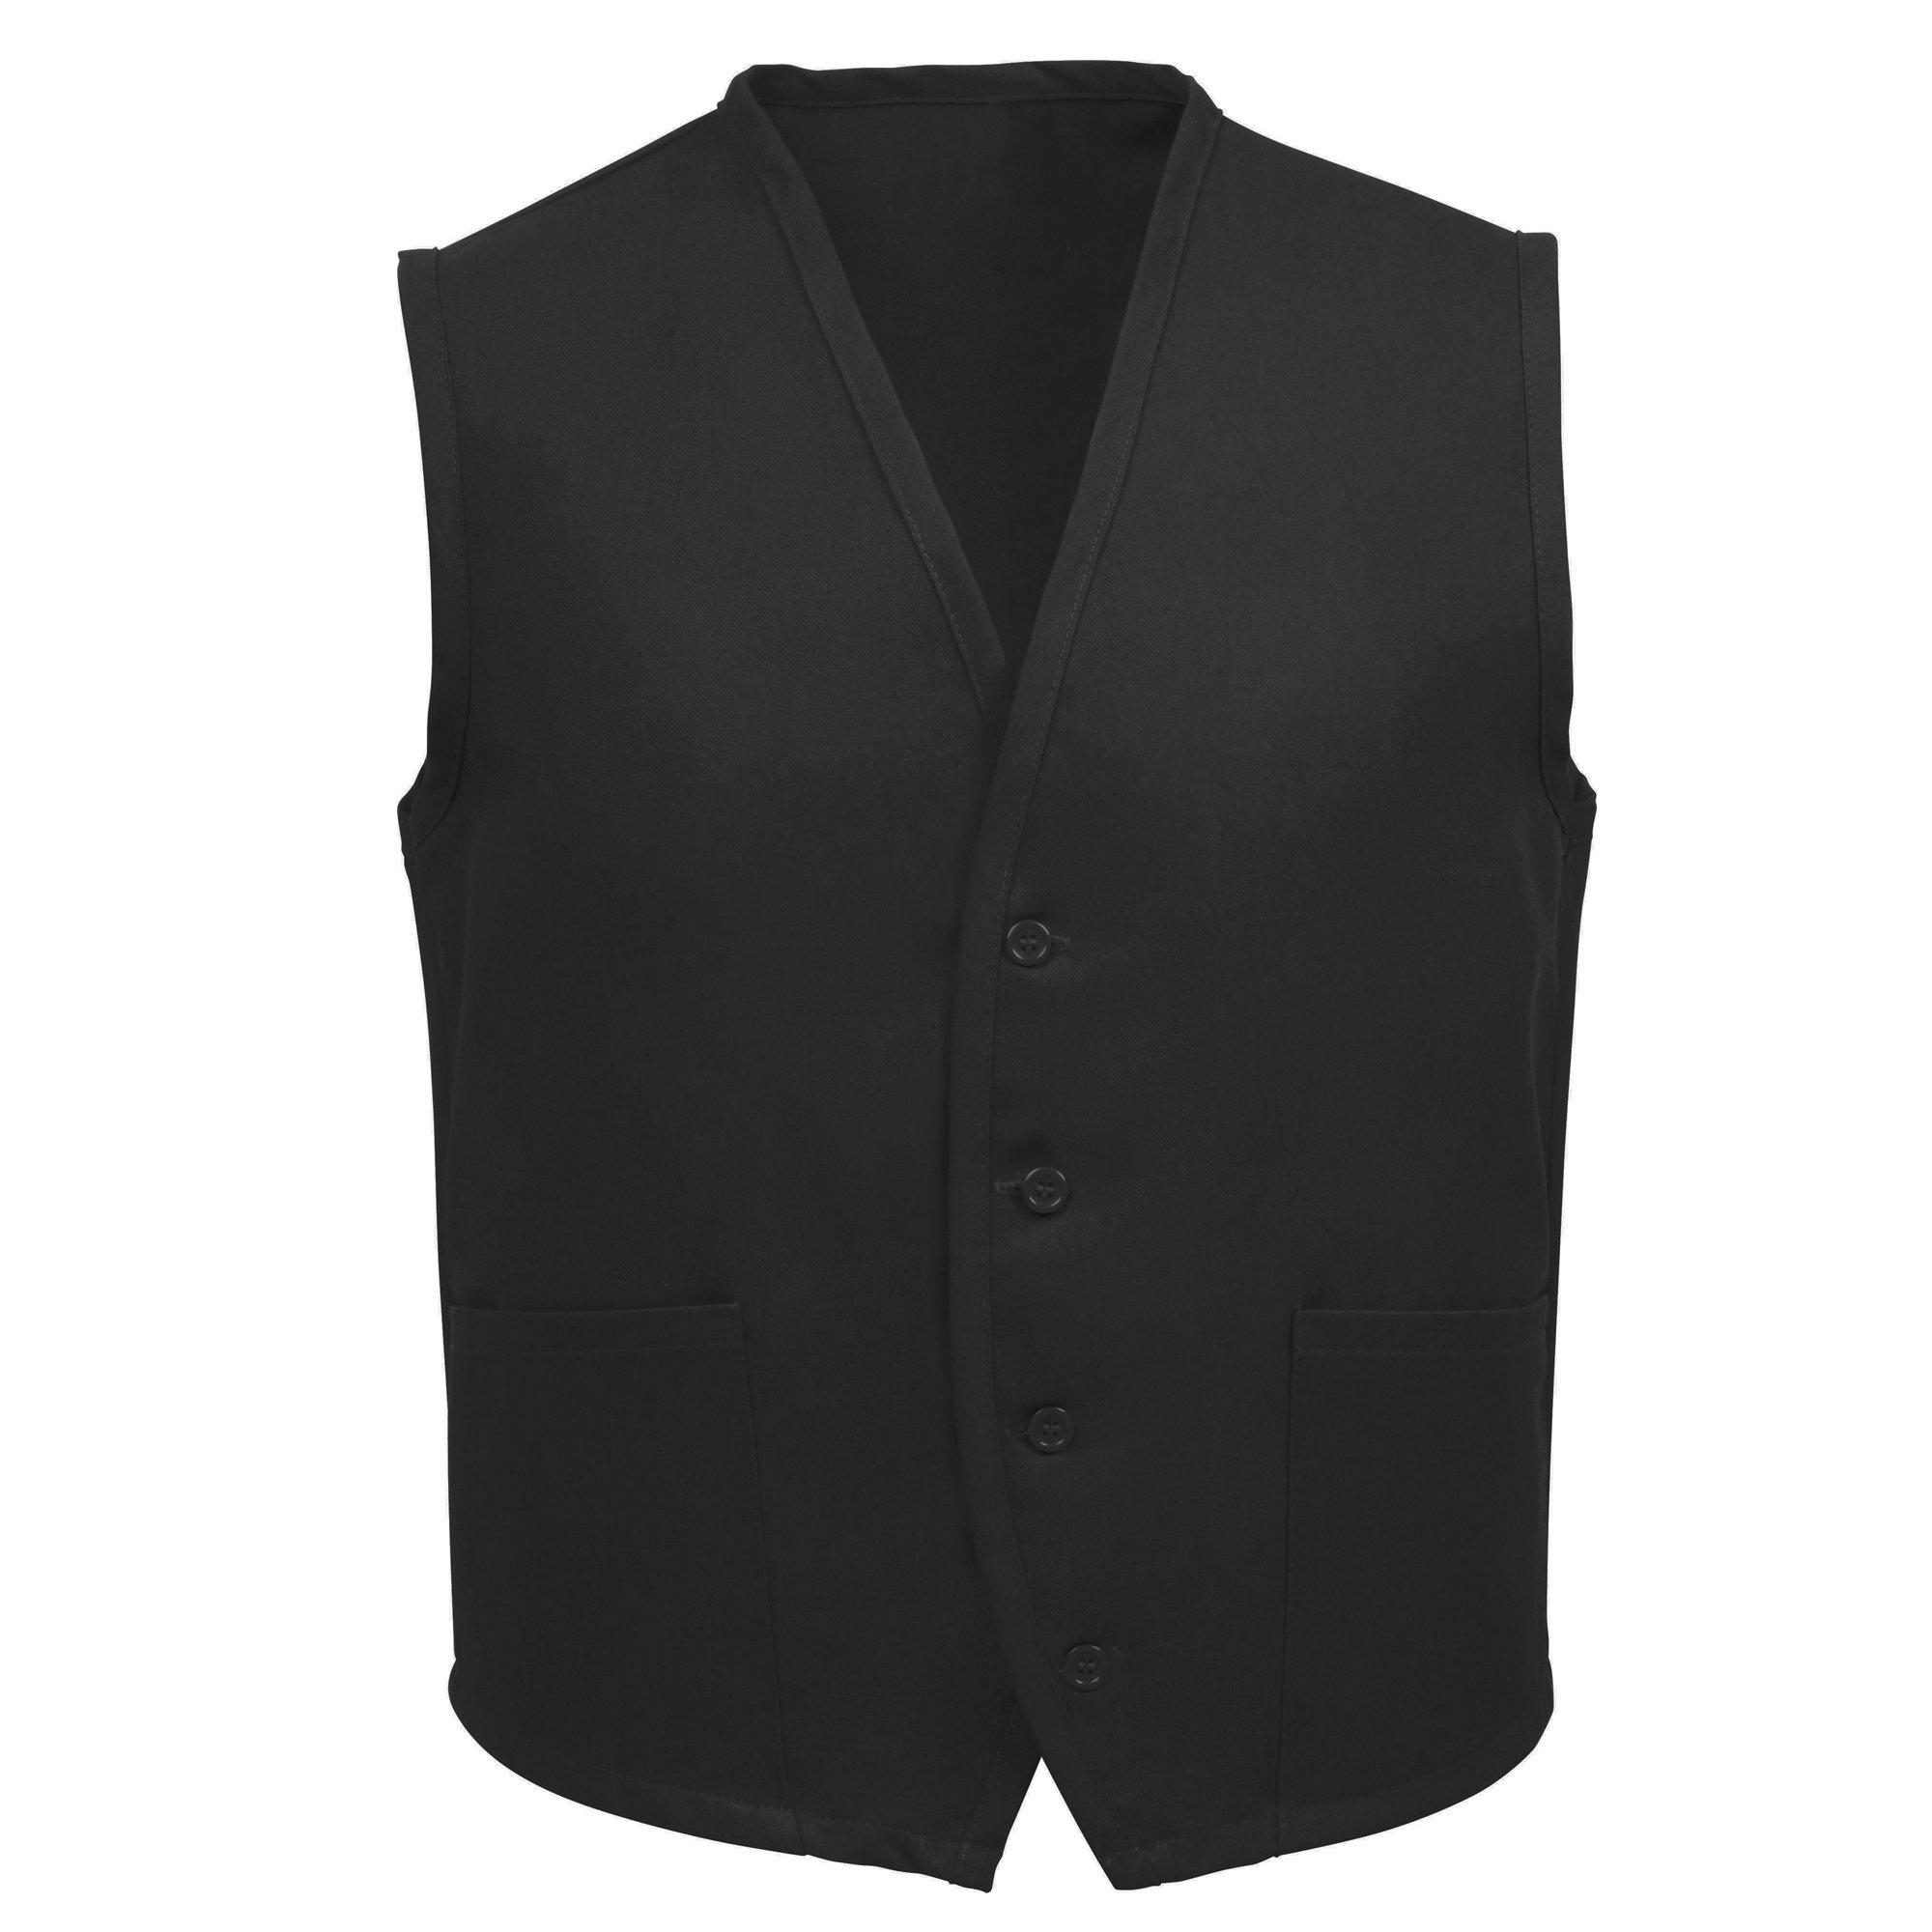 FAME 2 Pocket Vest (Black - Large) V65-23325 by FAME